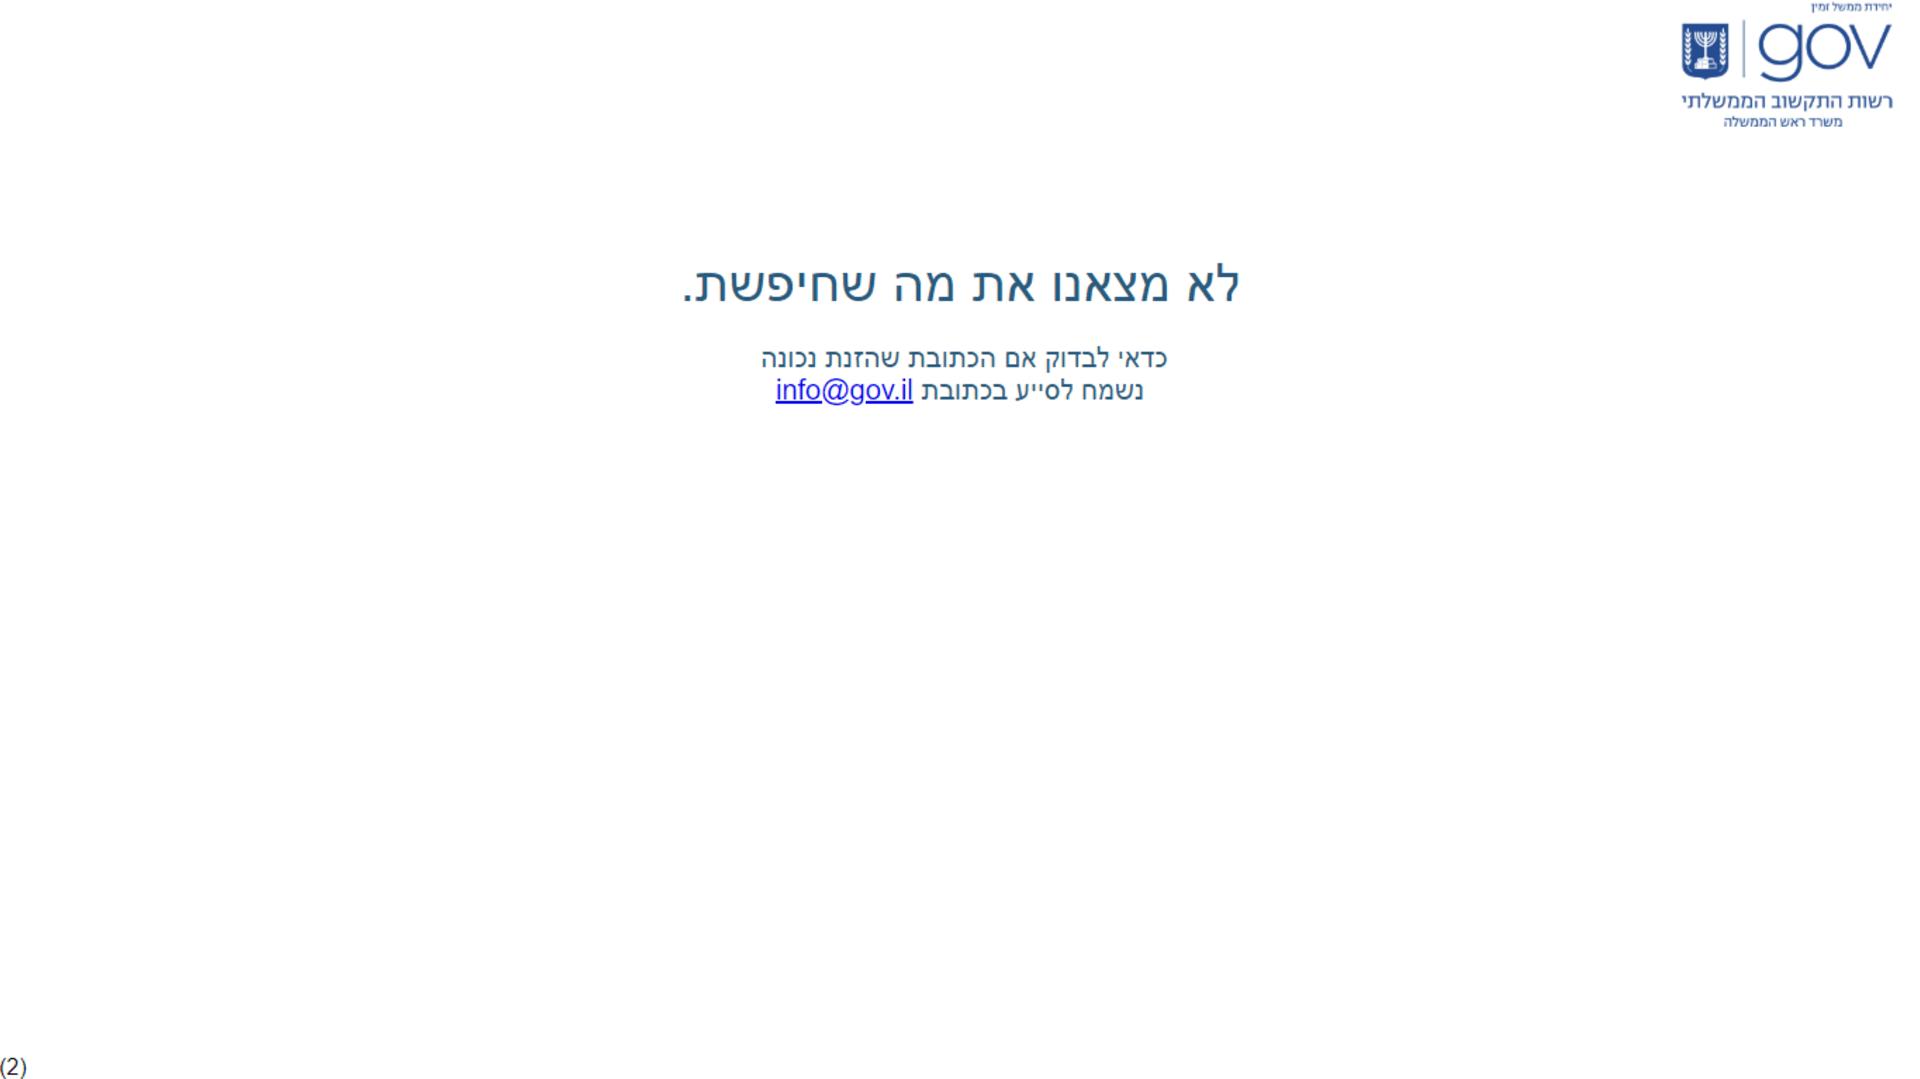 לא מצאתי את מה שחיפשת - הודעת שגיאה מבהילה של ממשלת ישראל